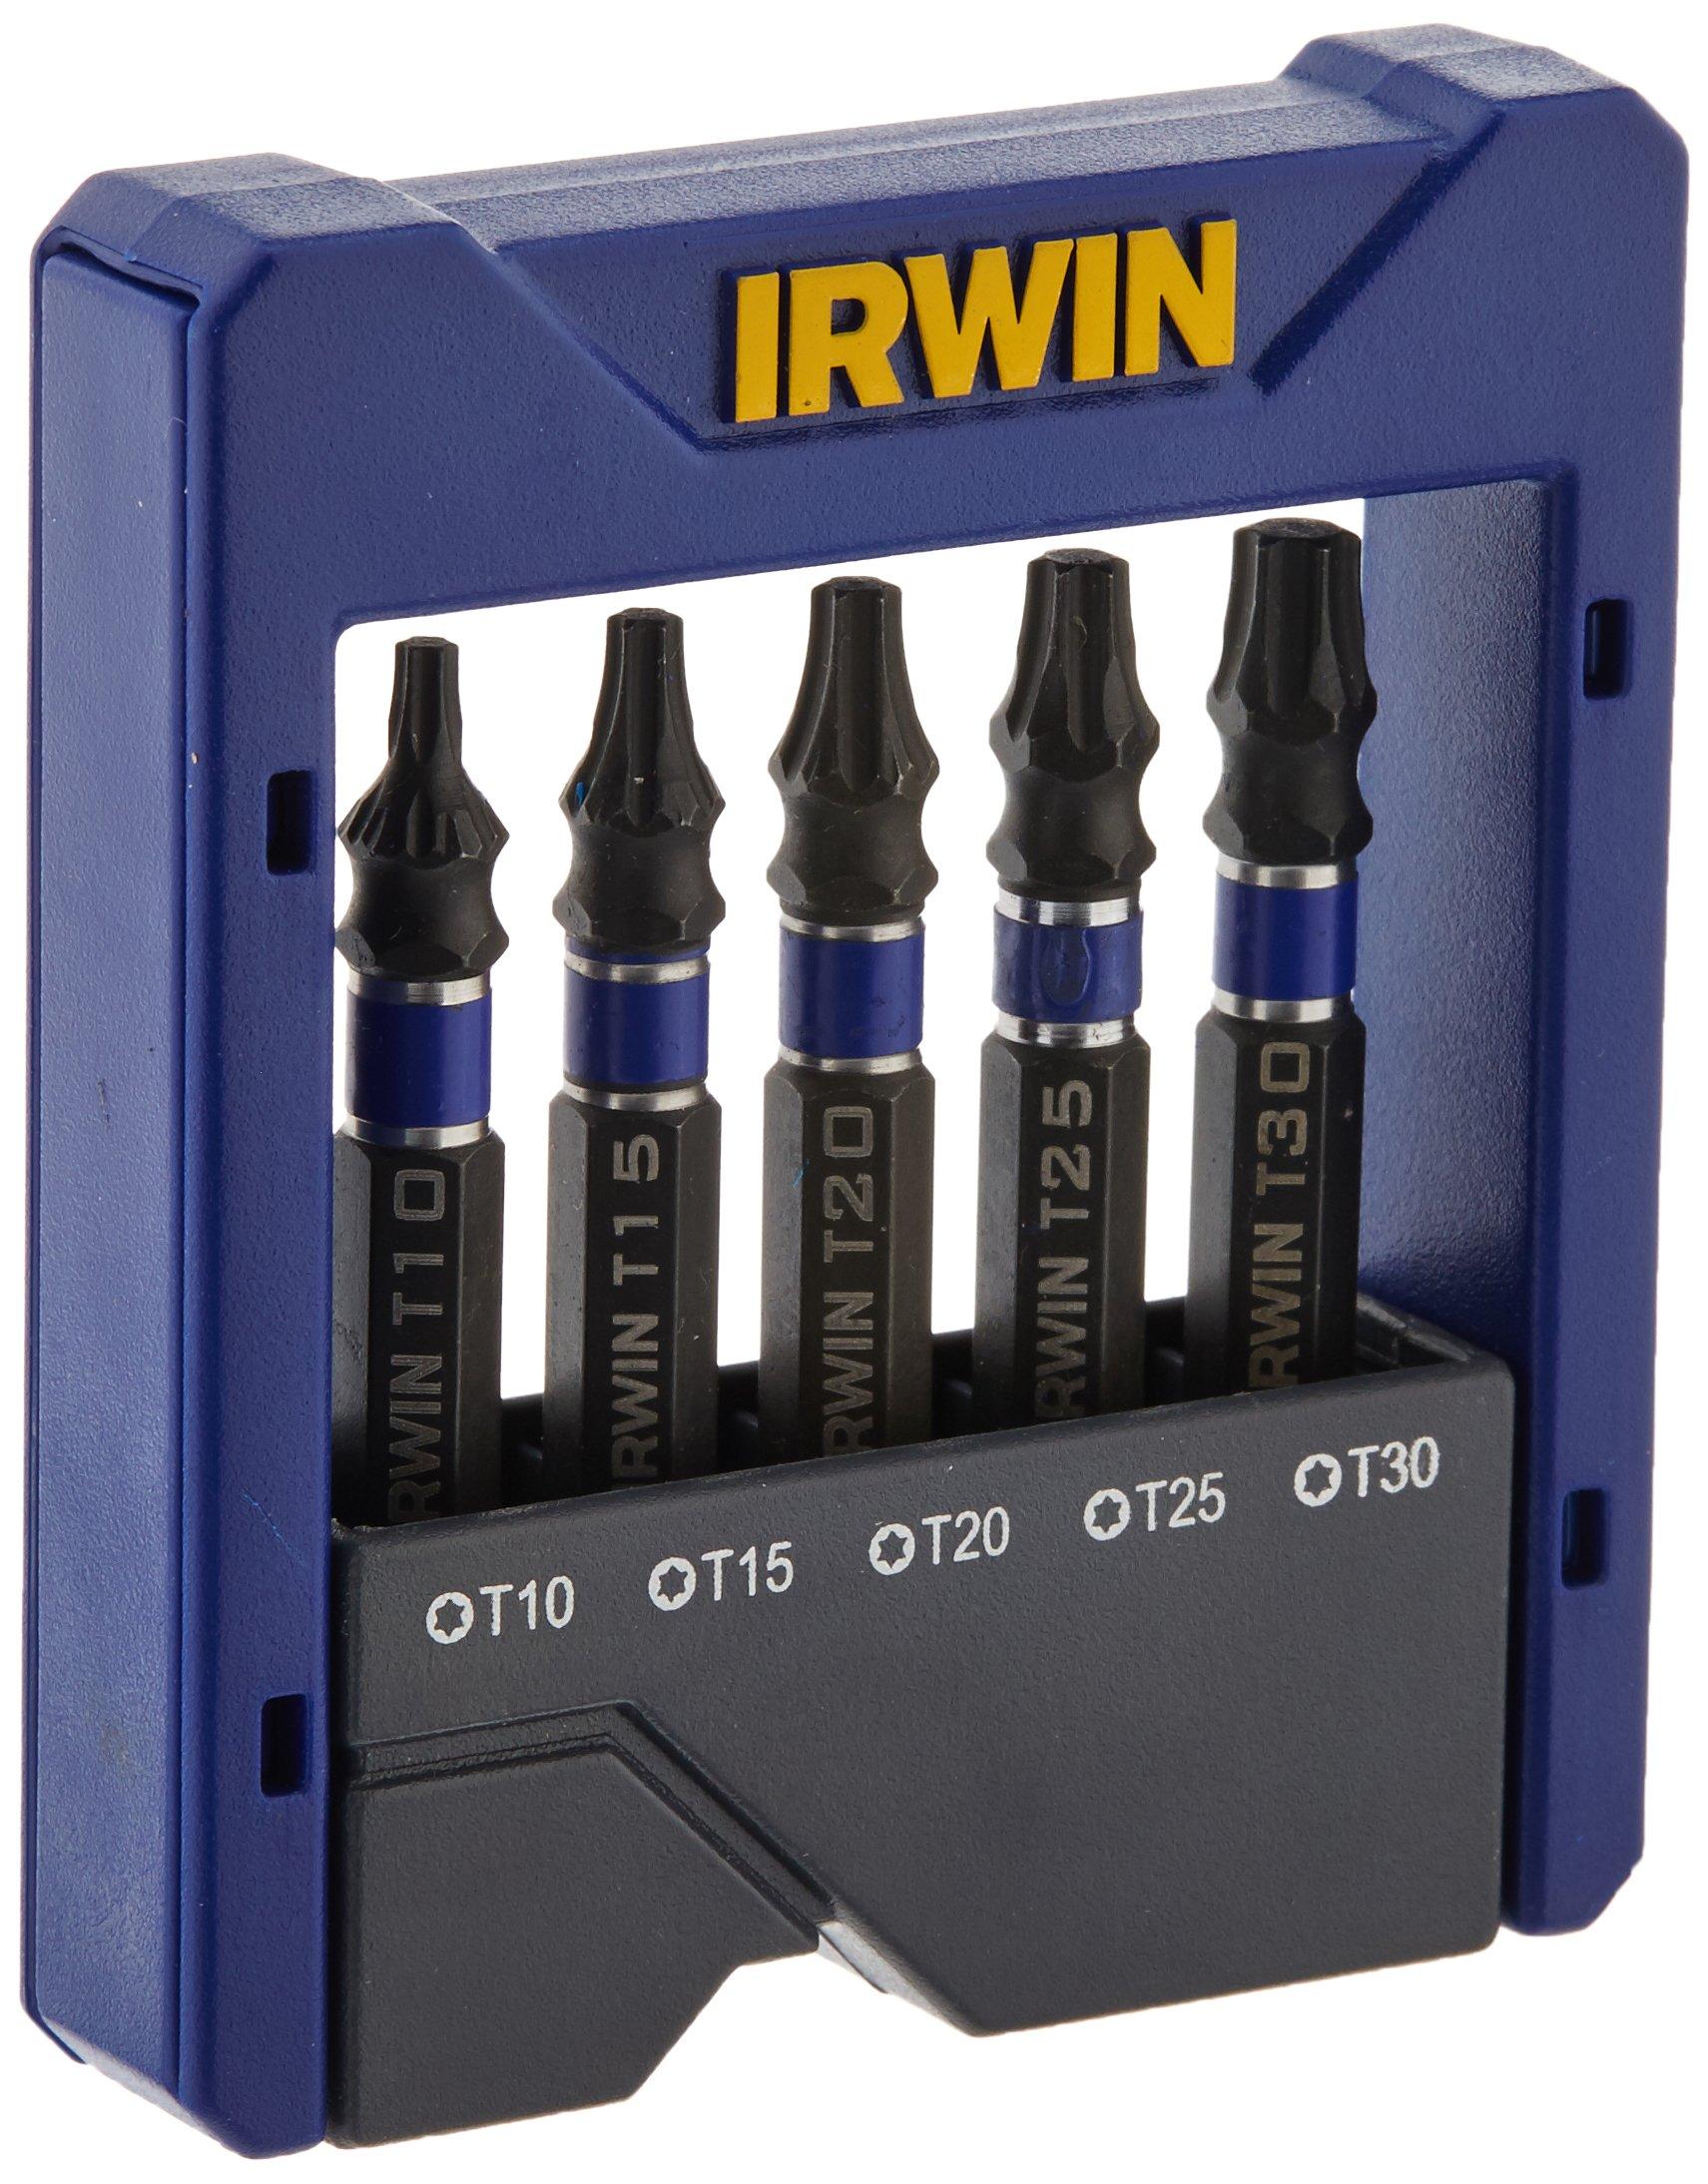 IRWIN 1899925 TORX Power Bit Pocket Set (5 Pz.)